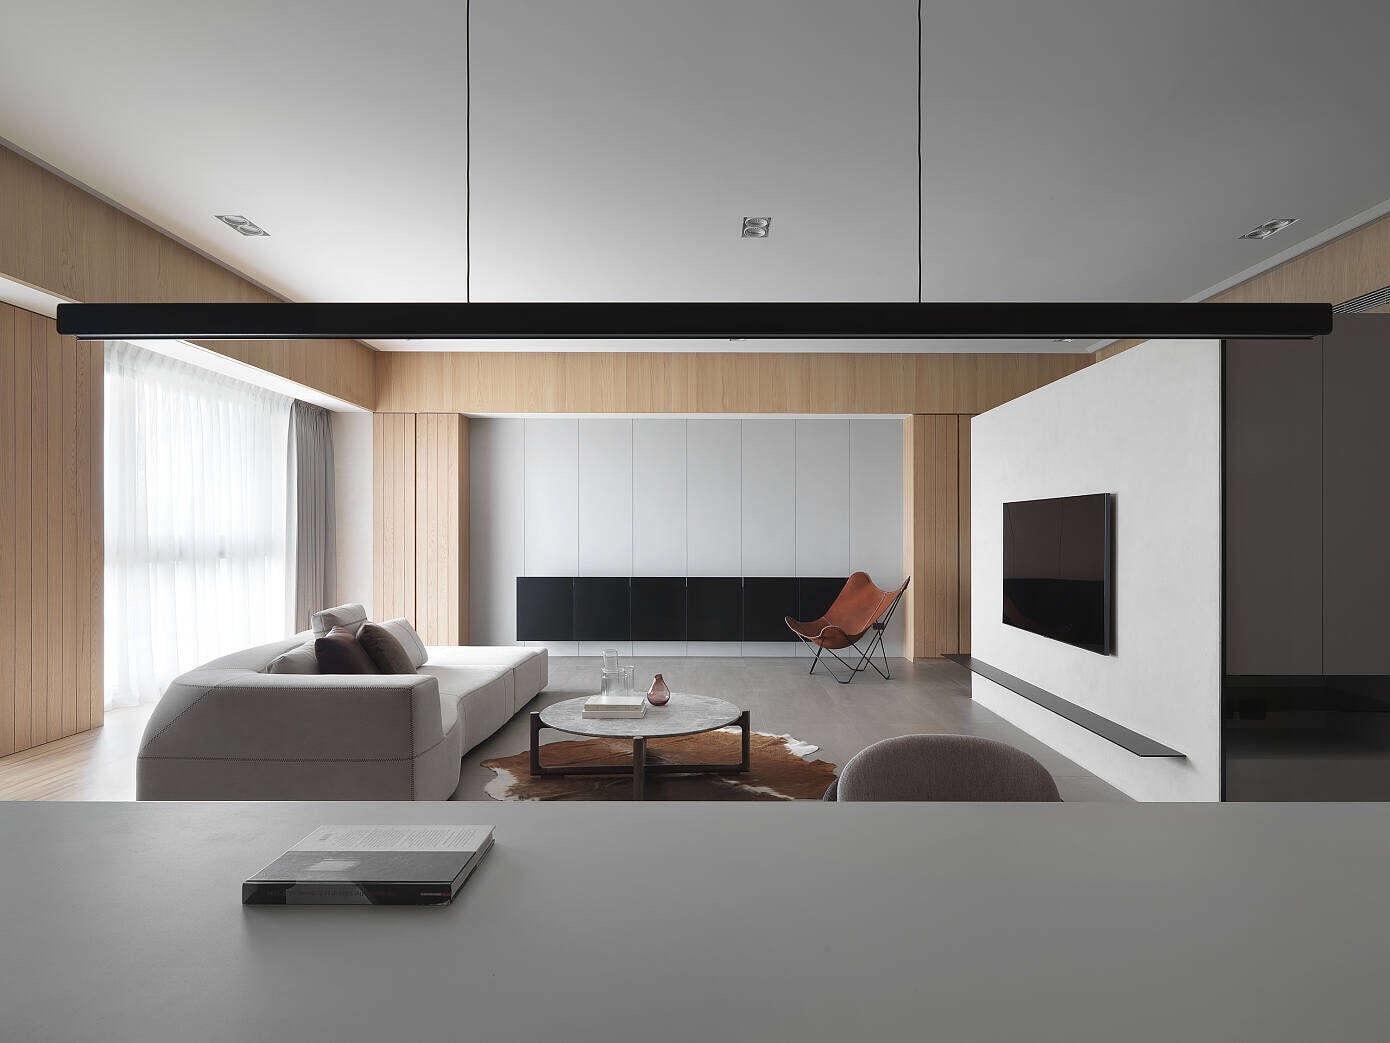 台北豪华的现代公寓丨 汕头设计师/汕头室内设计